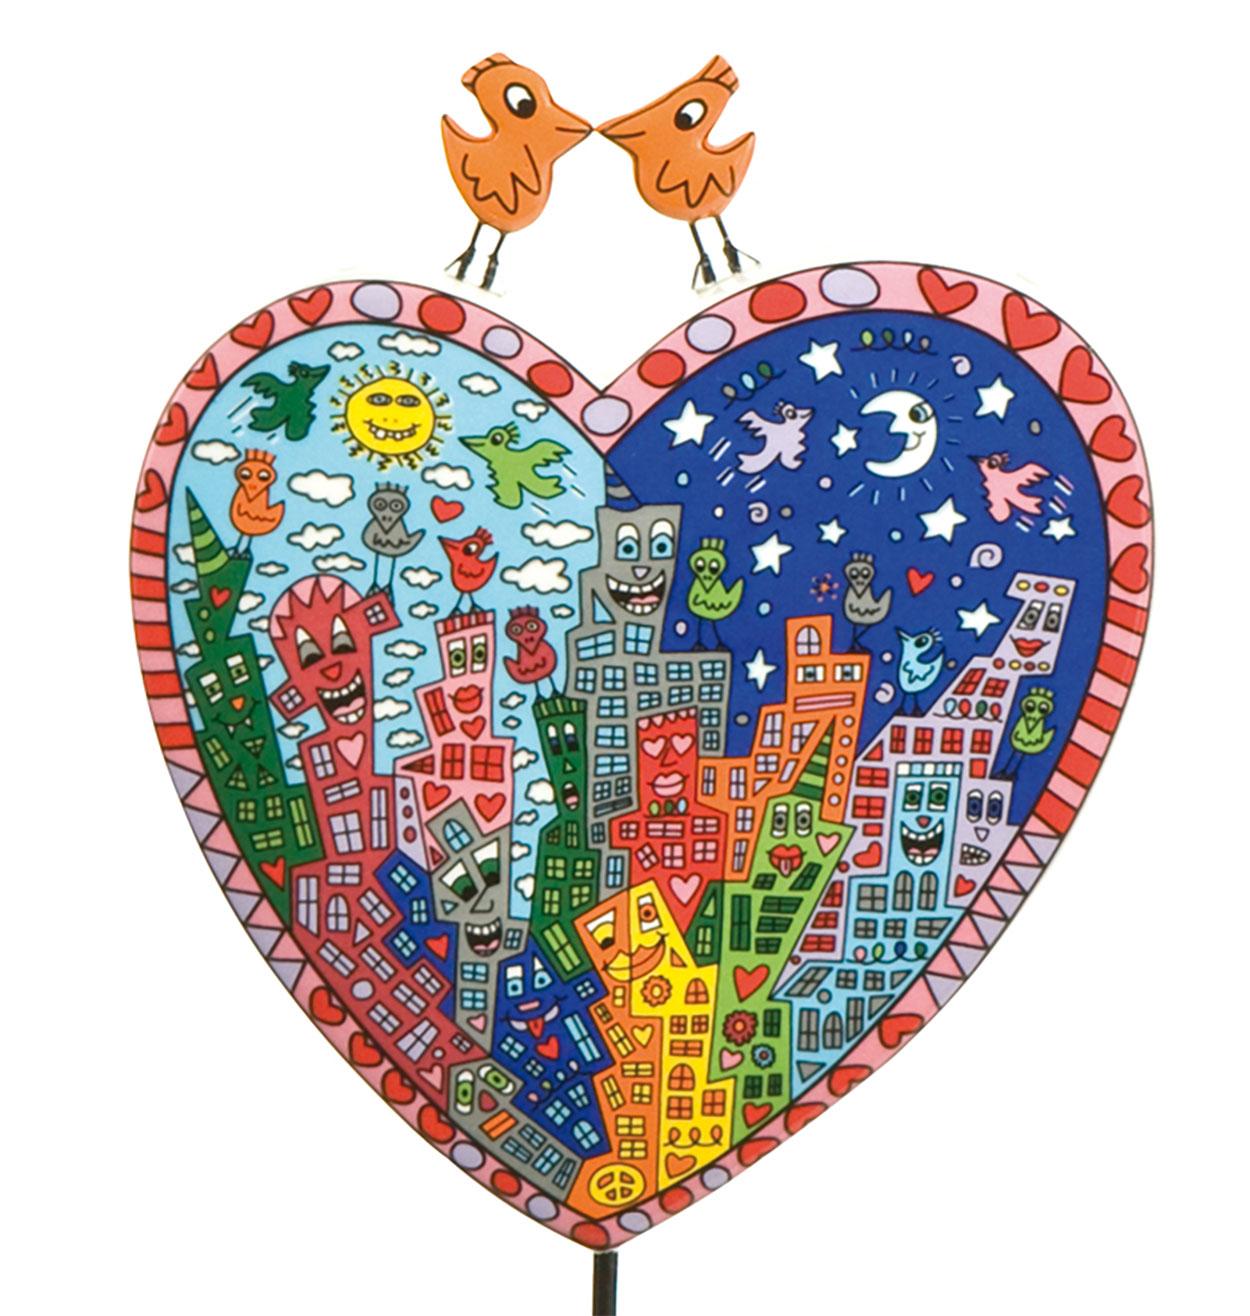 James Rizzis Faible galt dem Stadtleben New Yorks, der Millionenmetropole, die niemals schläft. Faszinierende Eindrücke dienen als Vorlage für Deko-Objekte und limitierte Kunstwerke. It's Heart Not to Love My City - Figur Ein besonderer Blickfang sind die beiden Lovebirds auf dem Herz! • Aus hochwertigem Porzellan • Mit viel Liebe zum Detail gestaltet • Ideal auch als Geschenk L/B/H in cm: 12.00 / 10.00 / 33.00 Material: Porzellan